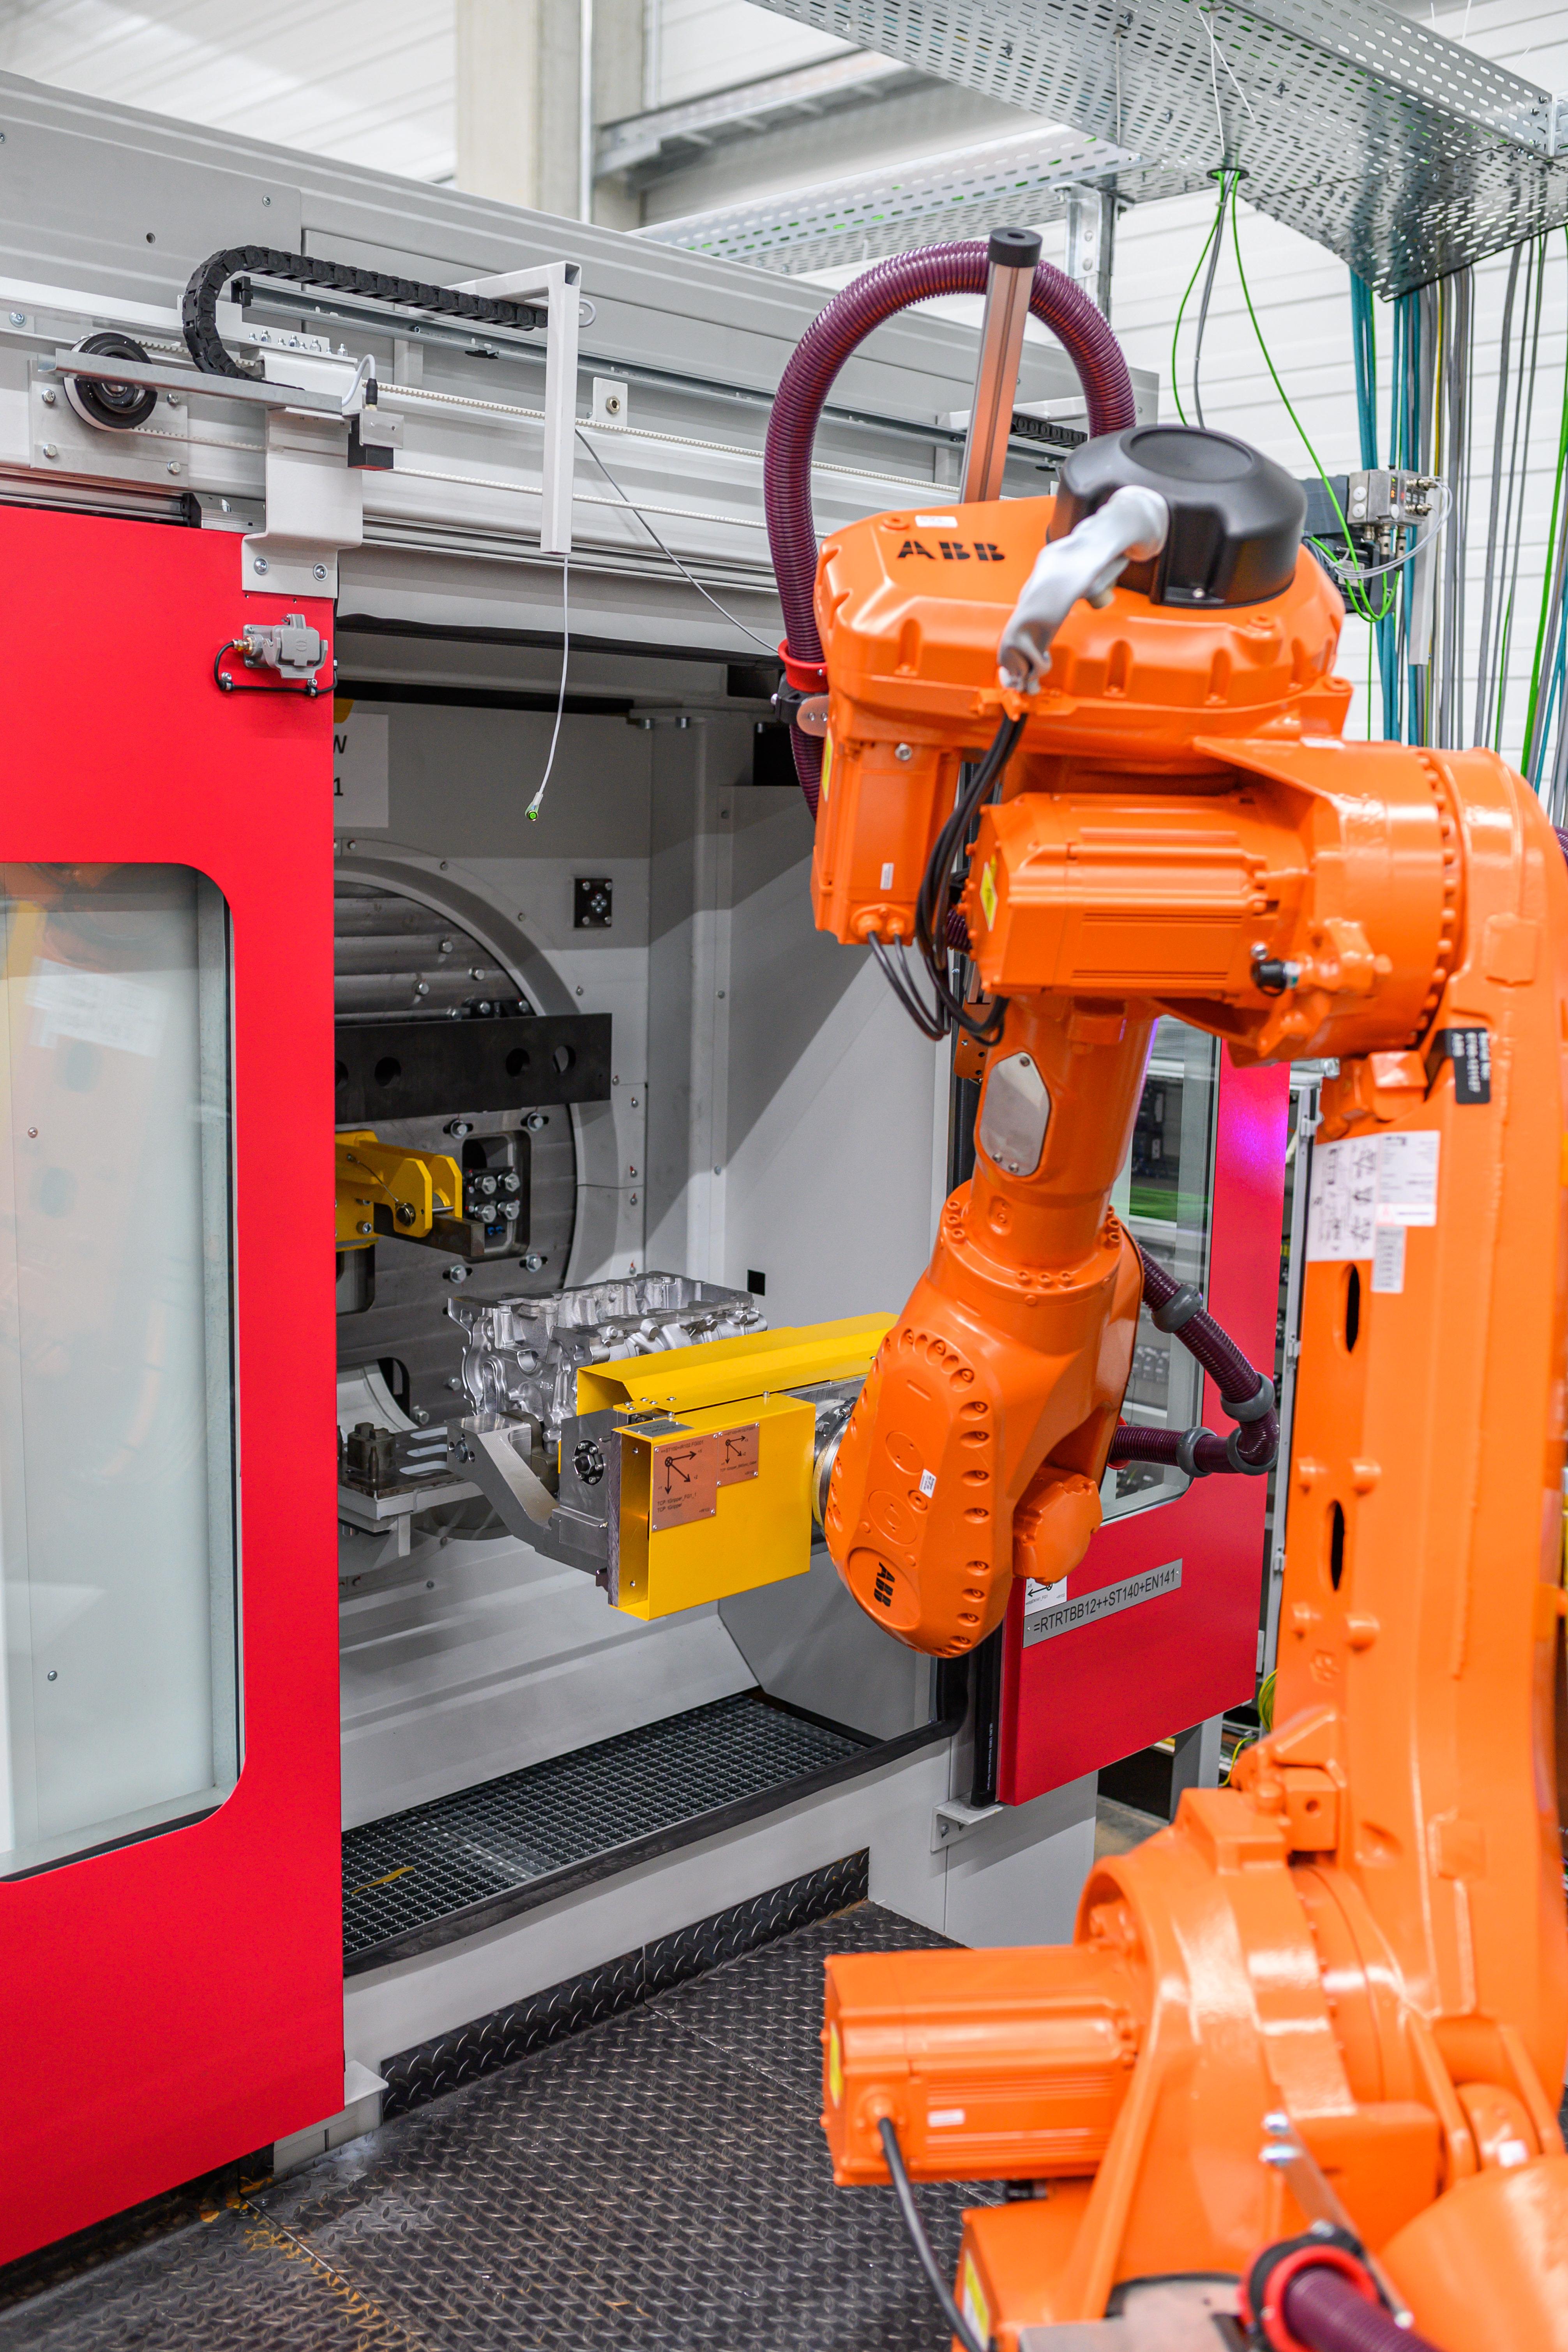 Bild 2: Entnahmeroboter  (August Mössner GmbH + Co. KG)